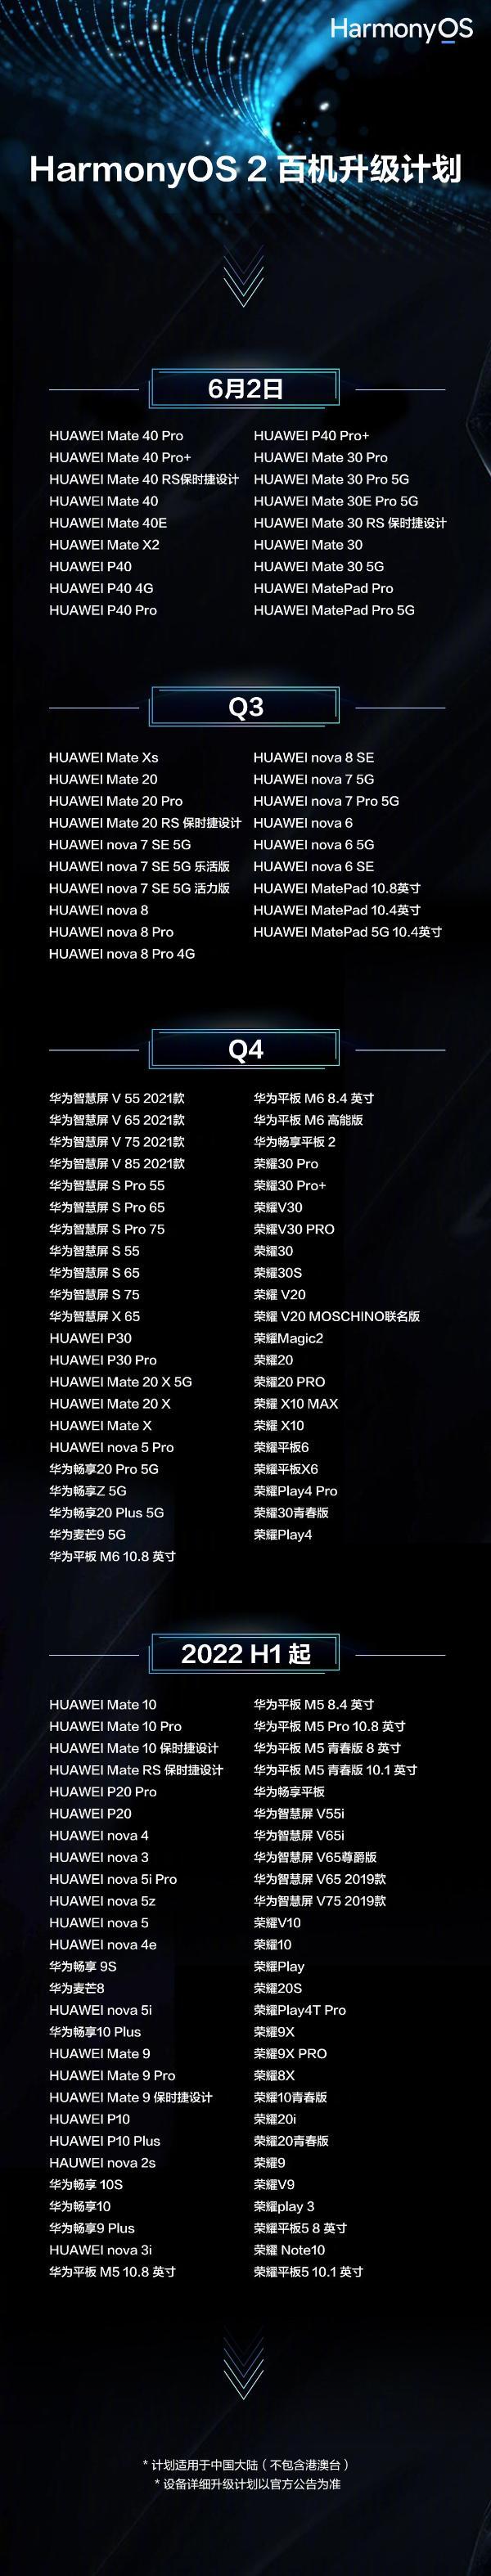 鸿蒙OS 2.0升级名单更新:荣耀加入、史上最大规模